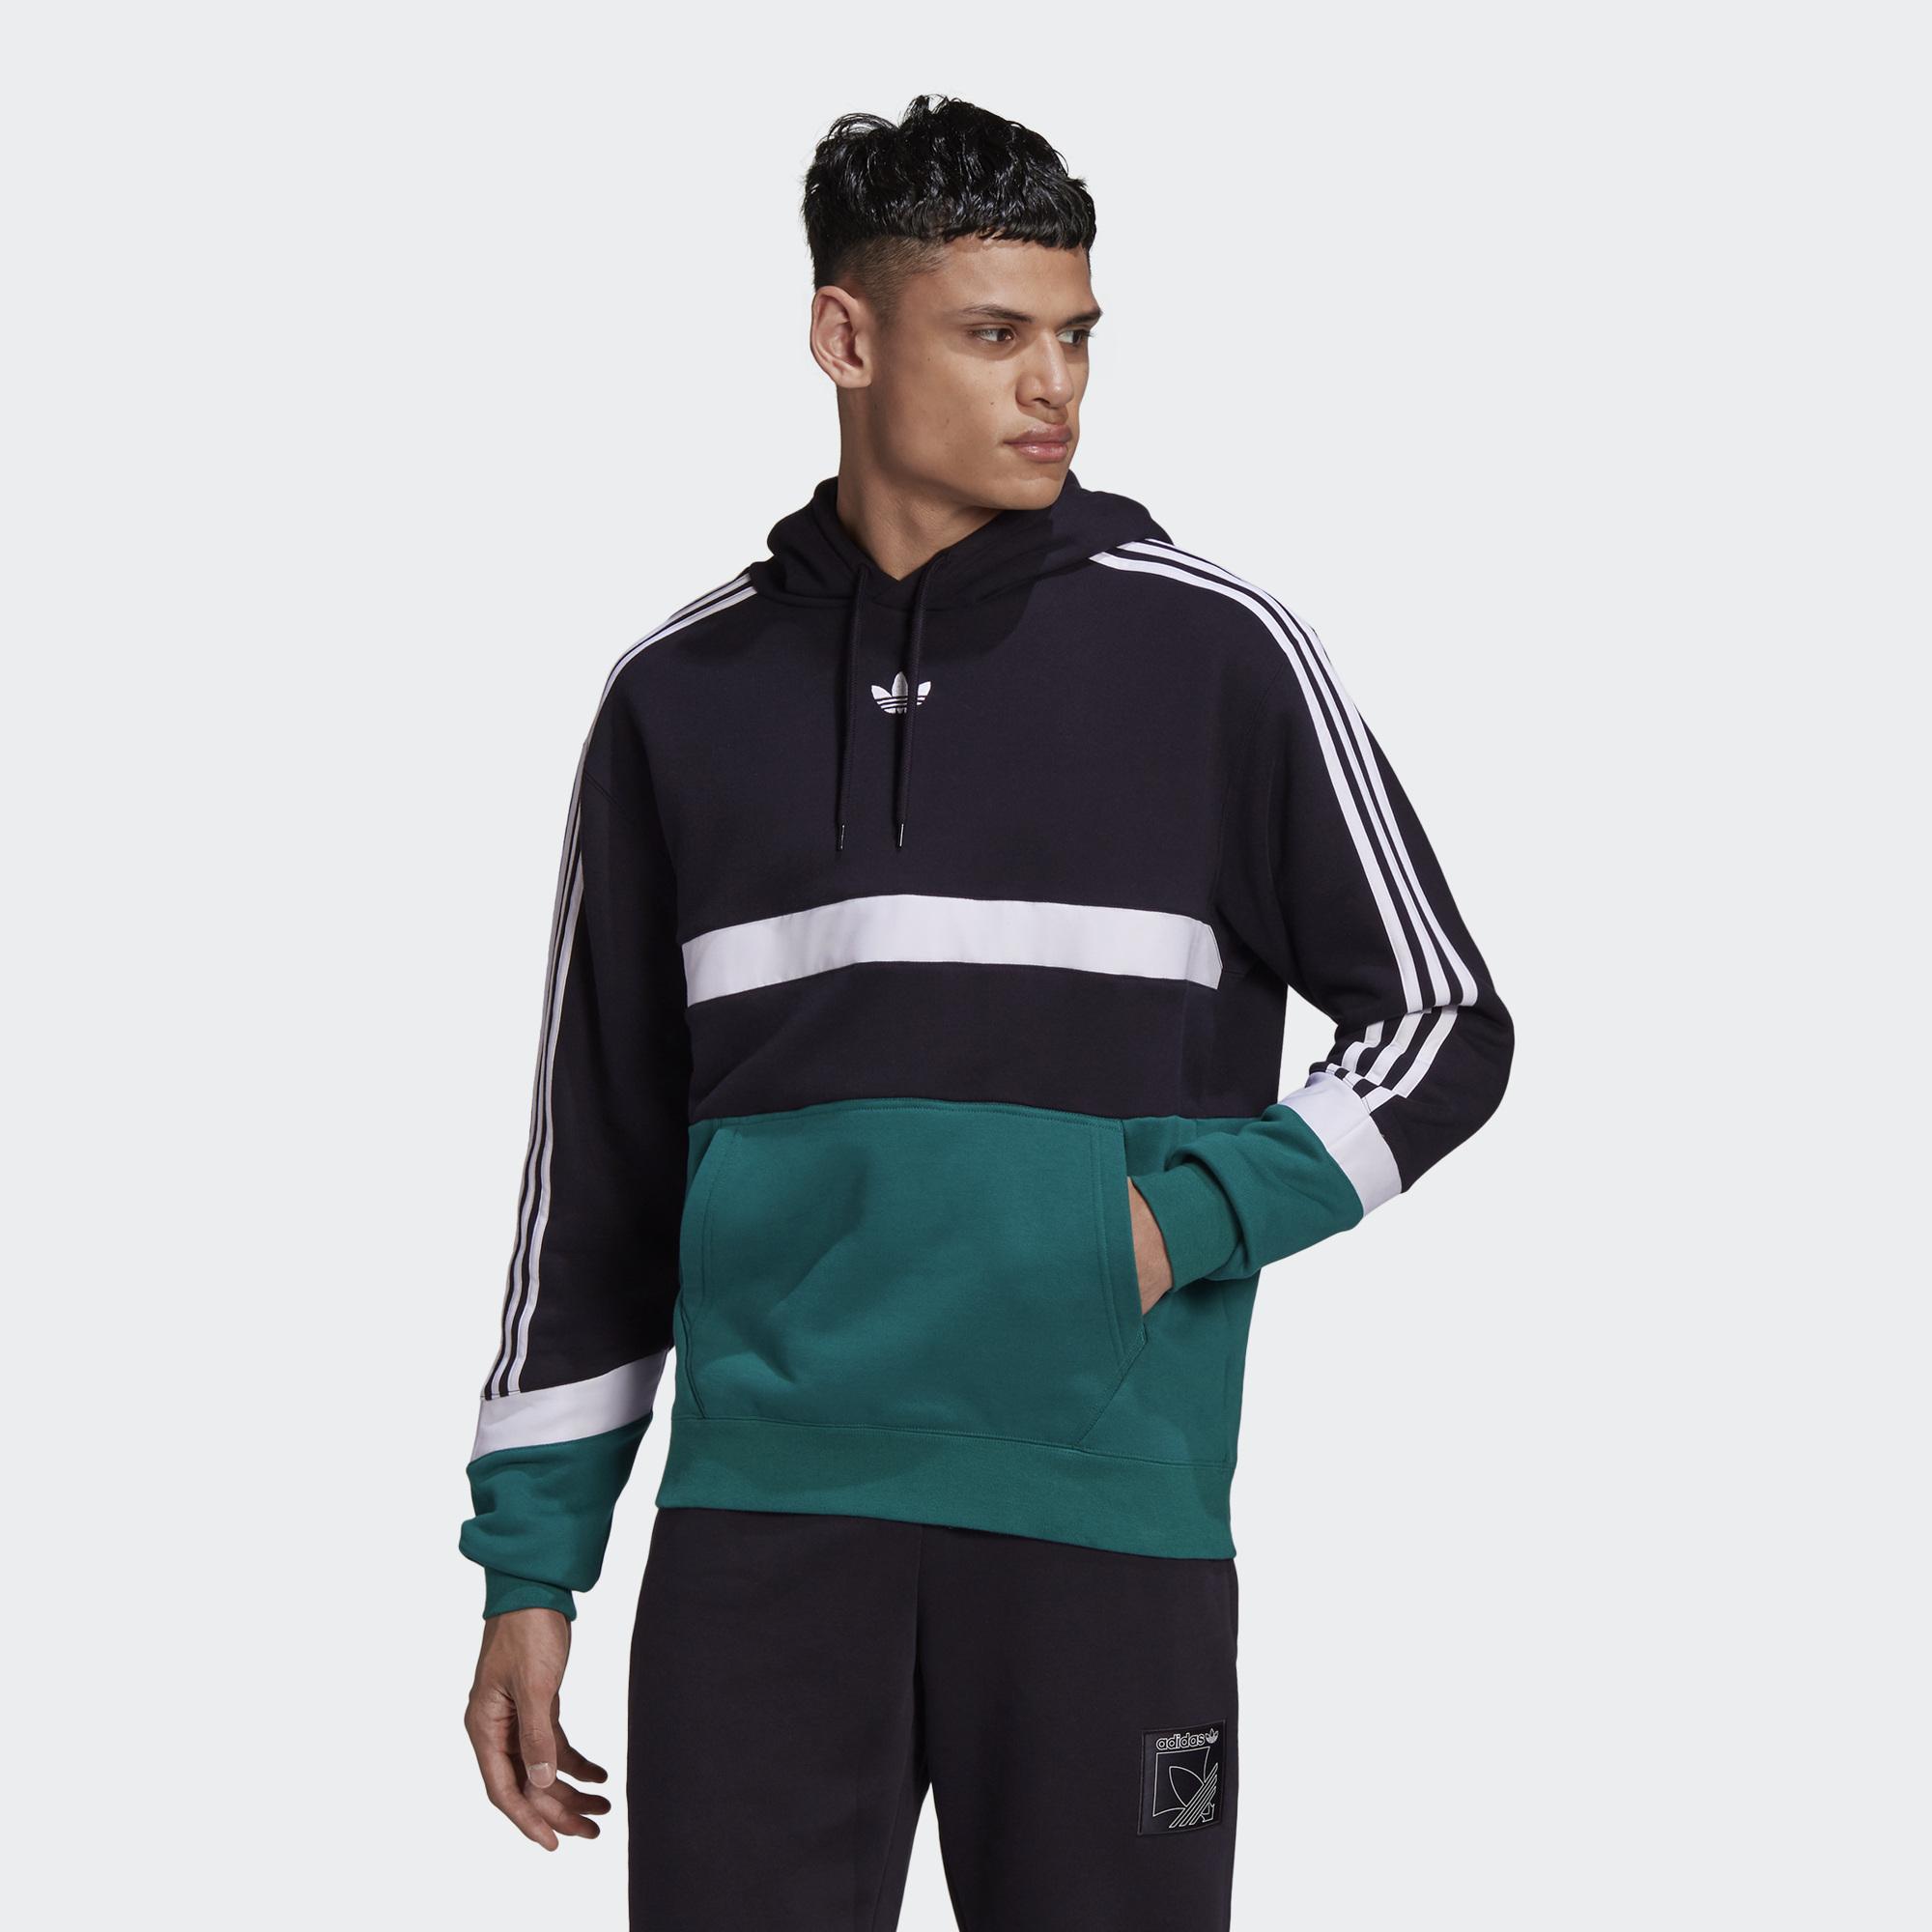 Adidas ORIGINALS SPRT 男裝 長袖 連帽 休閒 帽T 純棉 撞色 三葉草 黑綠【運動世界】GJ6718